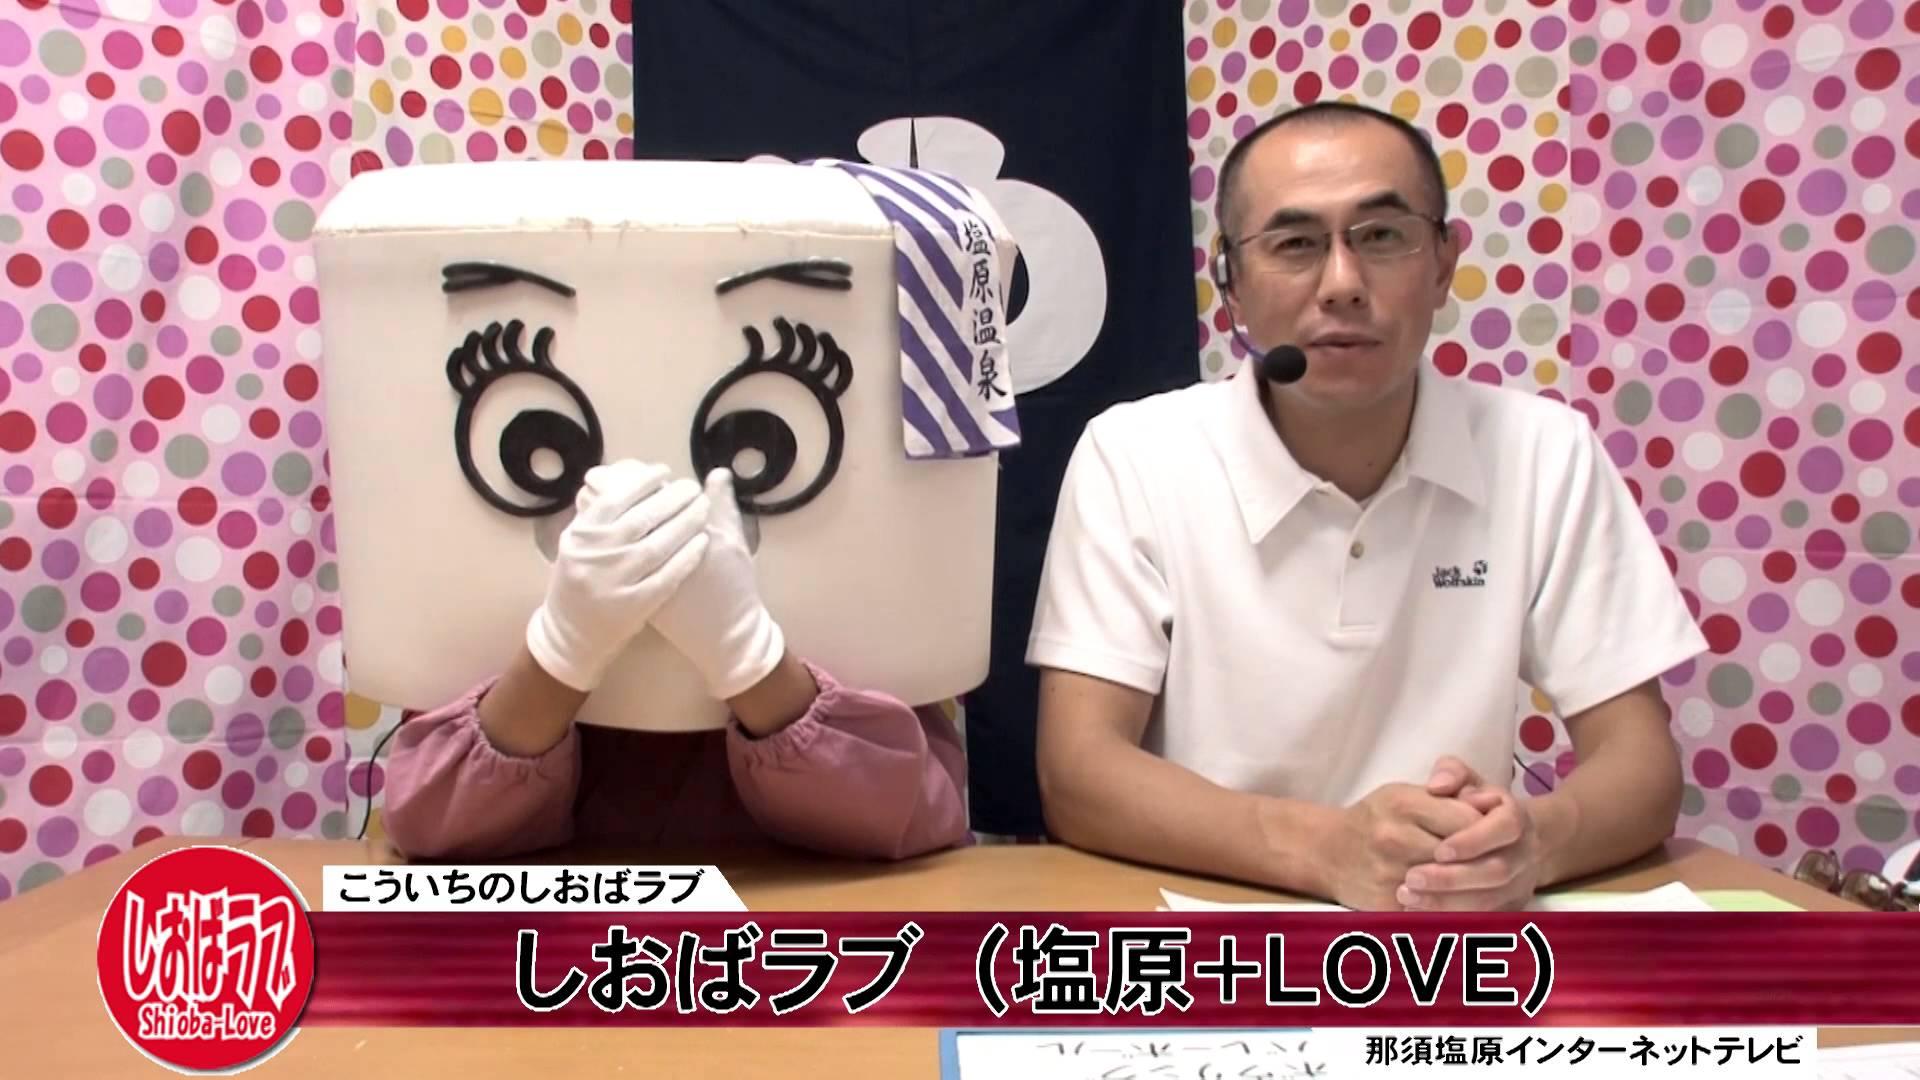 こういちのしおばラブ(塩原+LOVE)第151回